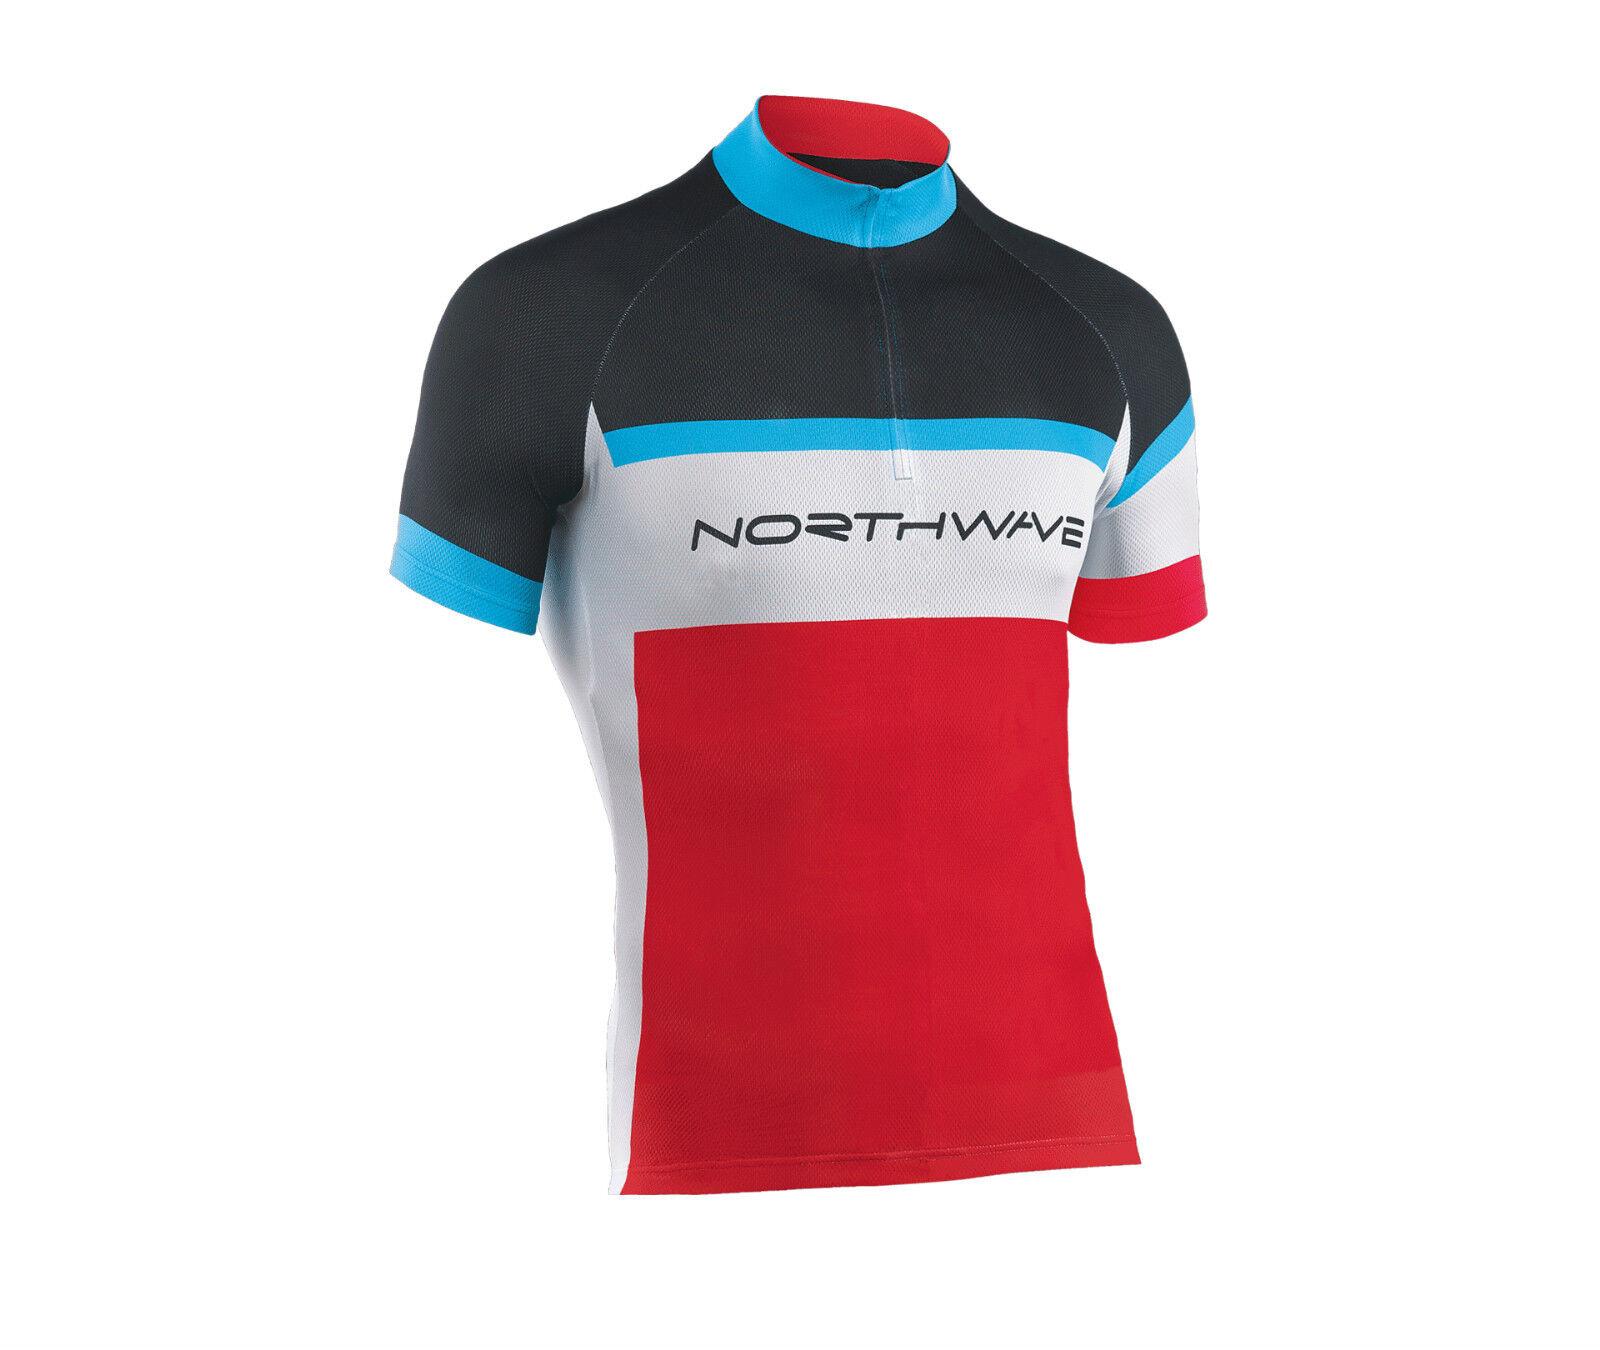 Trikot T-Shirt kurze Ärmel NORTHWAVE NORTHWAVE NORTHWAVE Bengel LOGO rot schwarz Blau JERSEY noch 903251